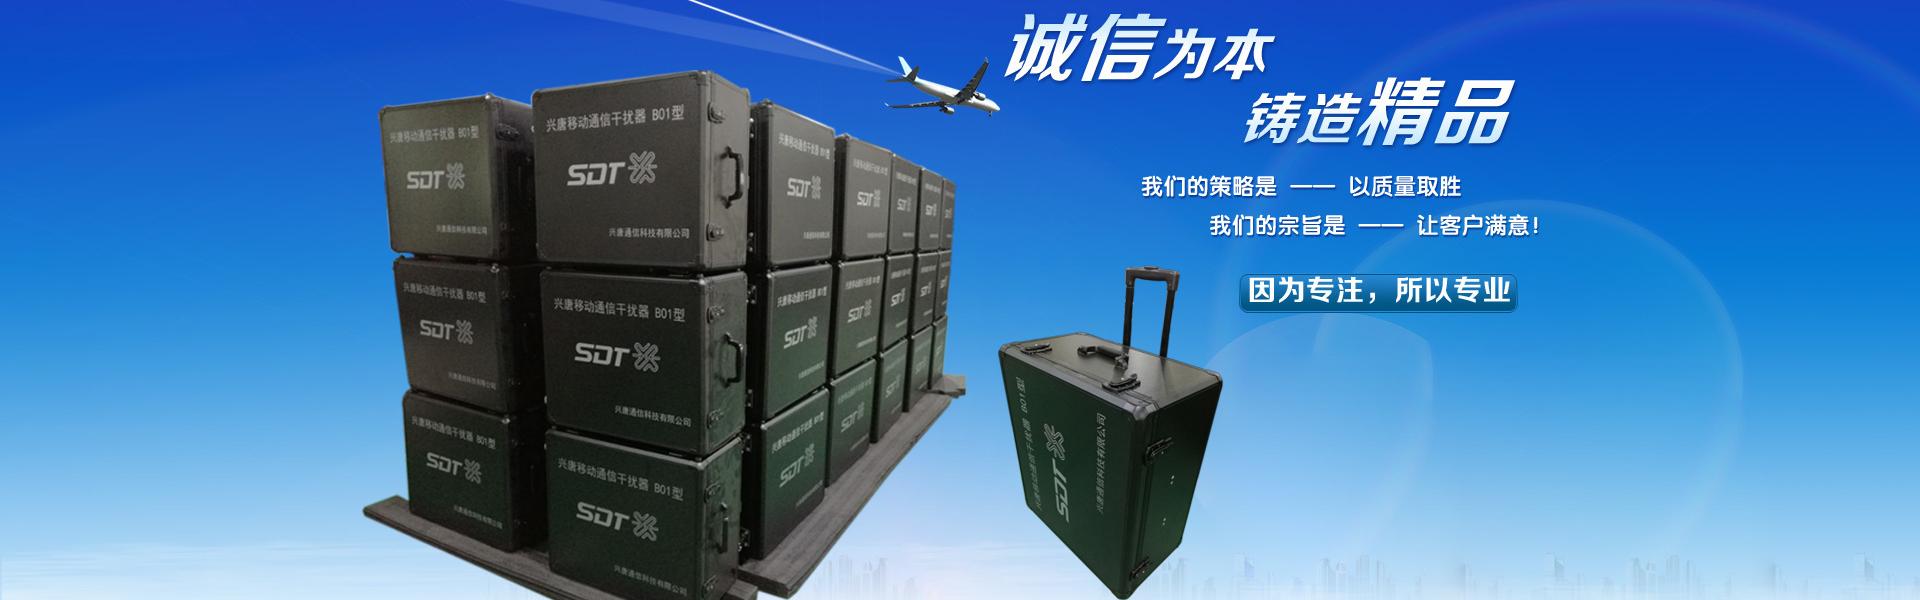 军用航空箱